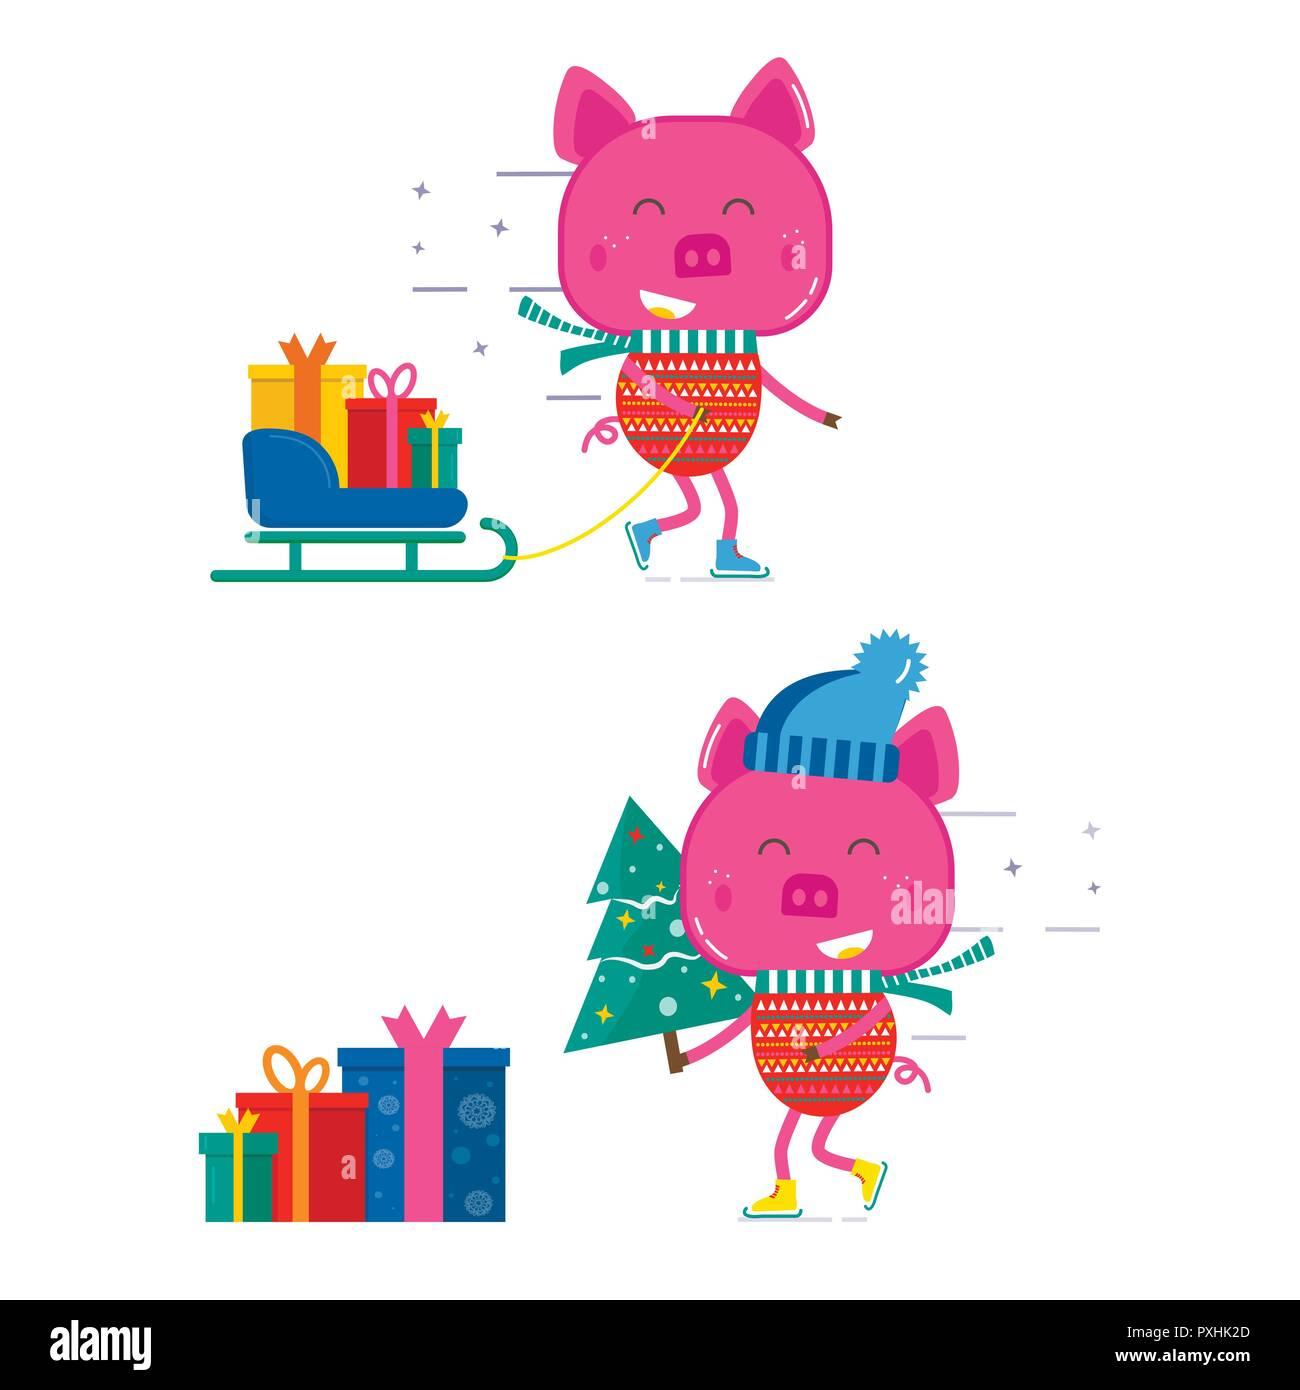 Frohe Weihnachten Hindi.Frohe Weihnachten Grusskarten Mit Niedlichen Tiere Schwein